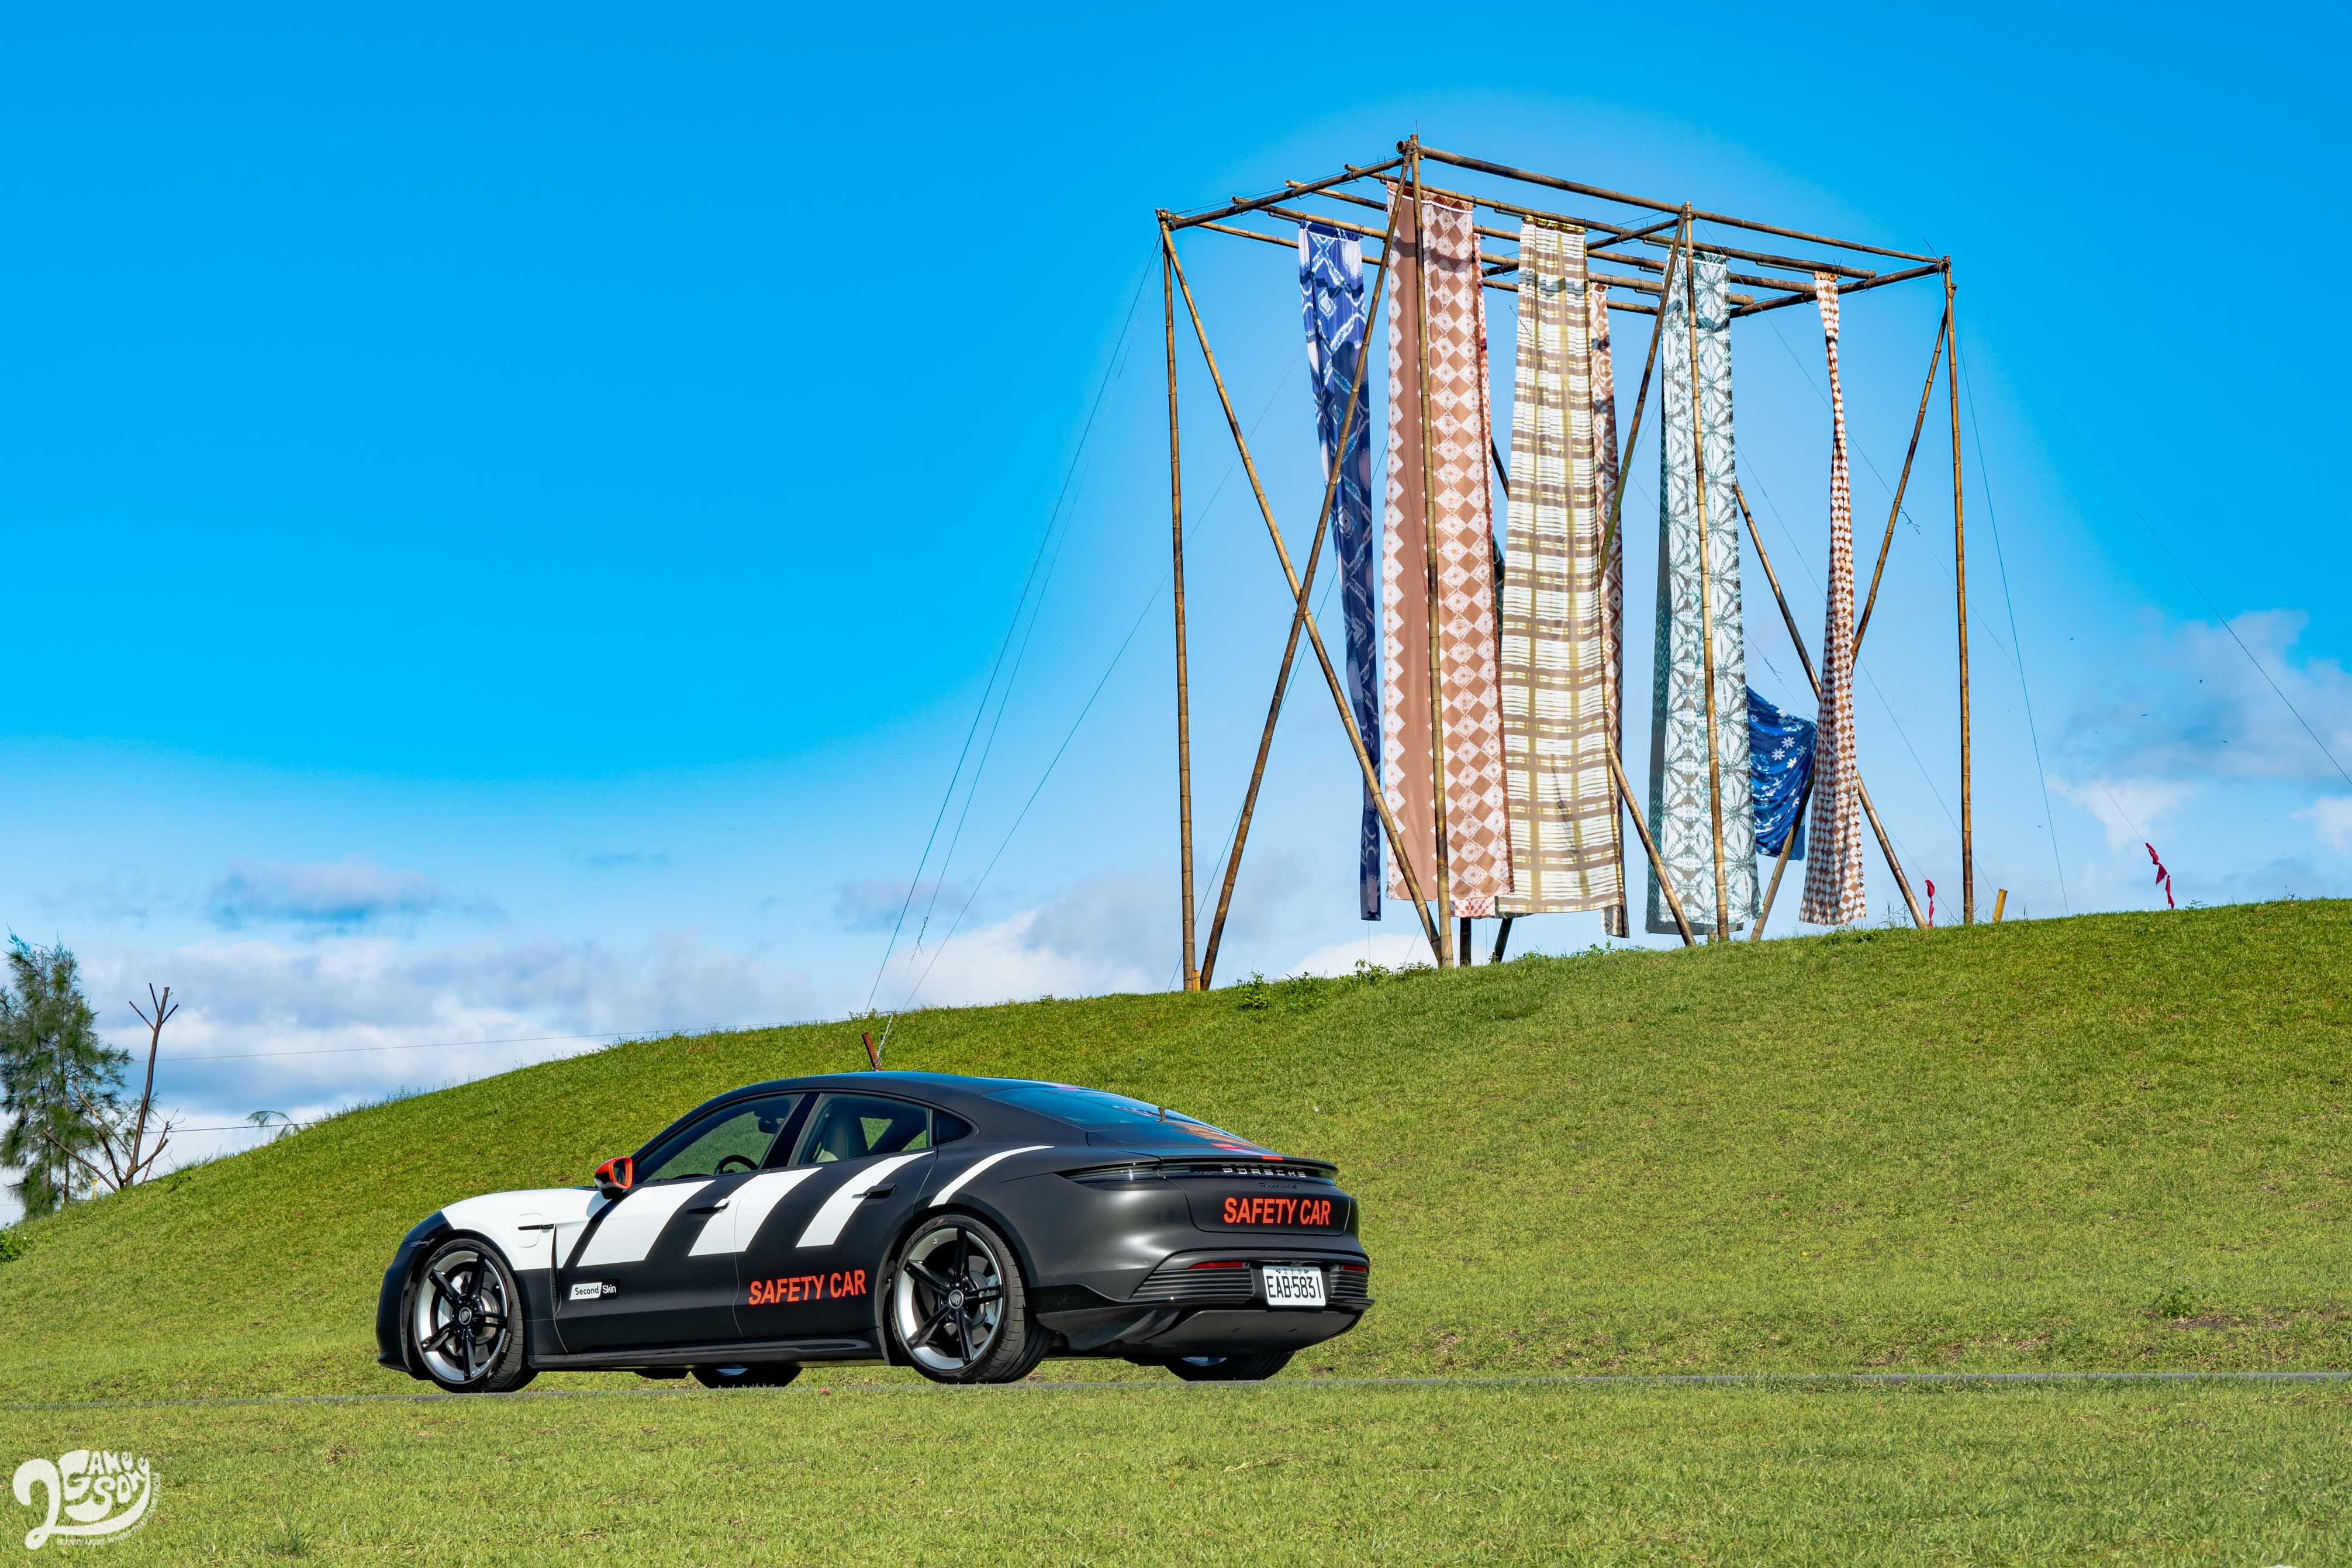 試駕車特別搭配可客製化的 Second Skin 車體彩繪包膜。